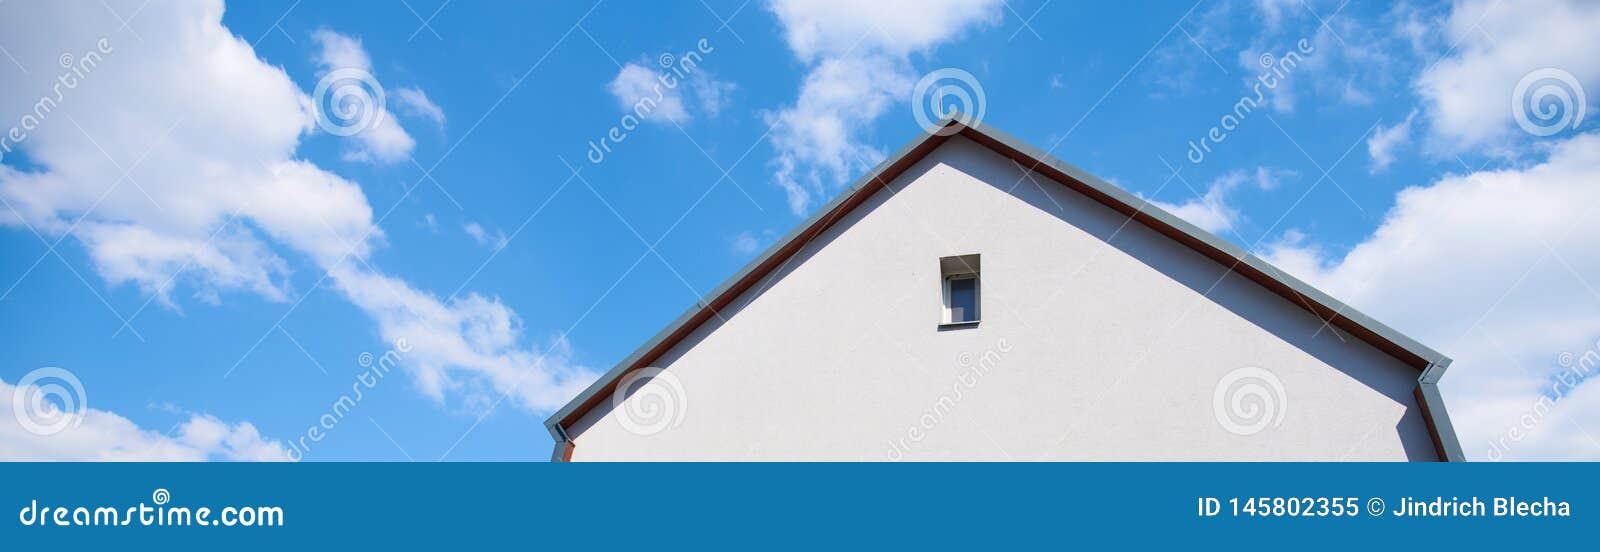 Byggnad villa, mot en bl? himmel med vita moln